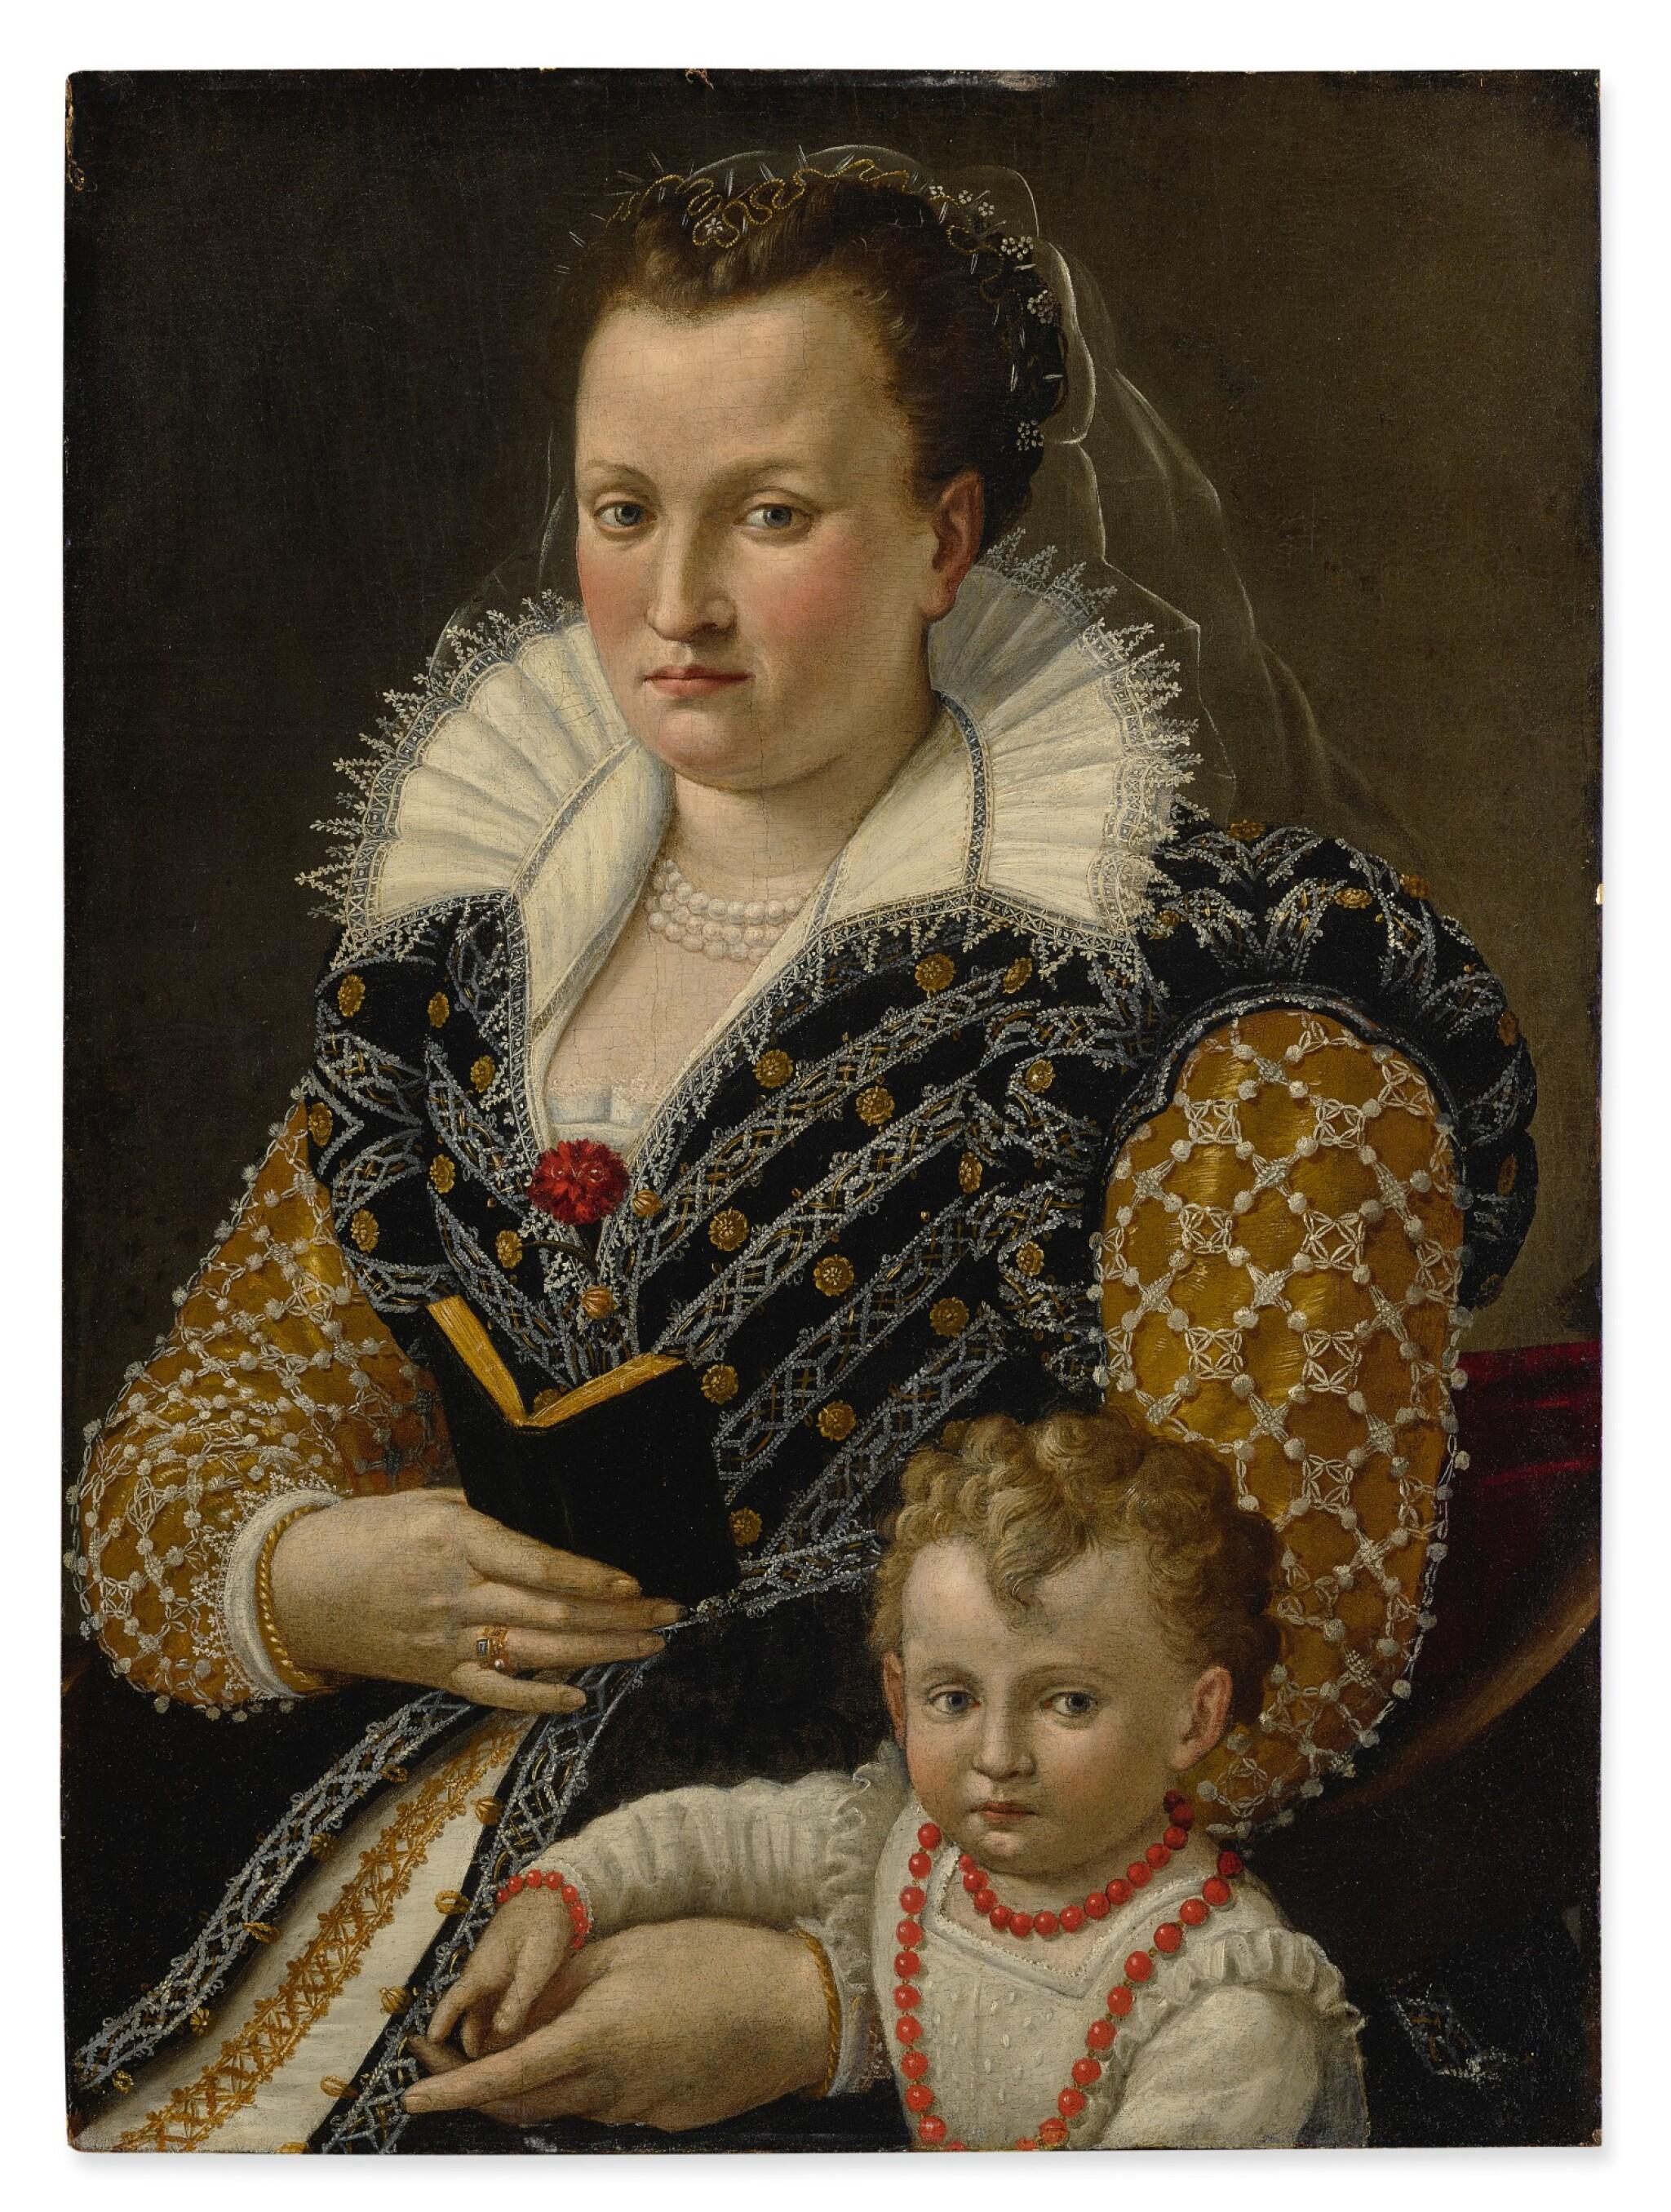 View full screen - View 1 of Lot 6. SEBASTIANO MARSILI | PORTRAIT OF ALESSANDRA DI VIERI DE' MEDICI (B. 1549) AT AGE 32 WITH HER SON OTTAVIANO (B. 1577), THREE-QUARTER LENGTH.